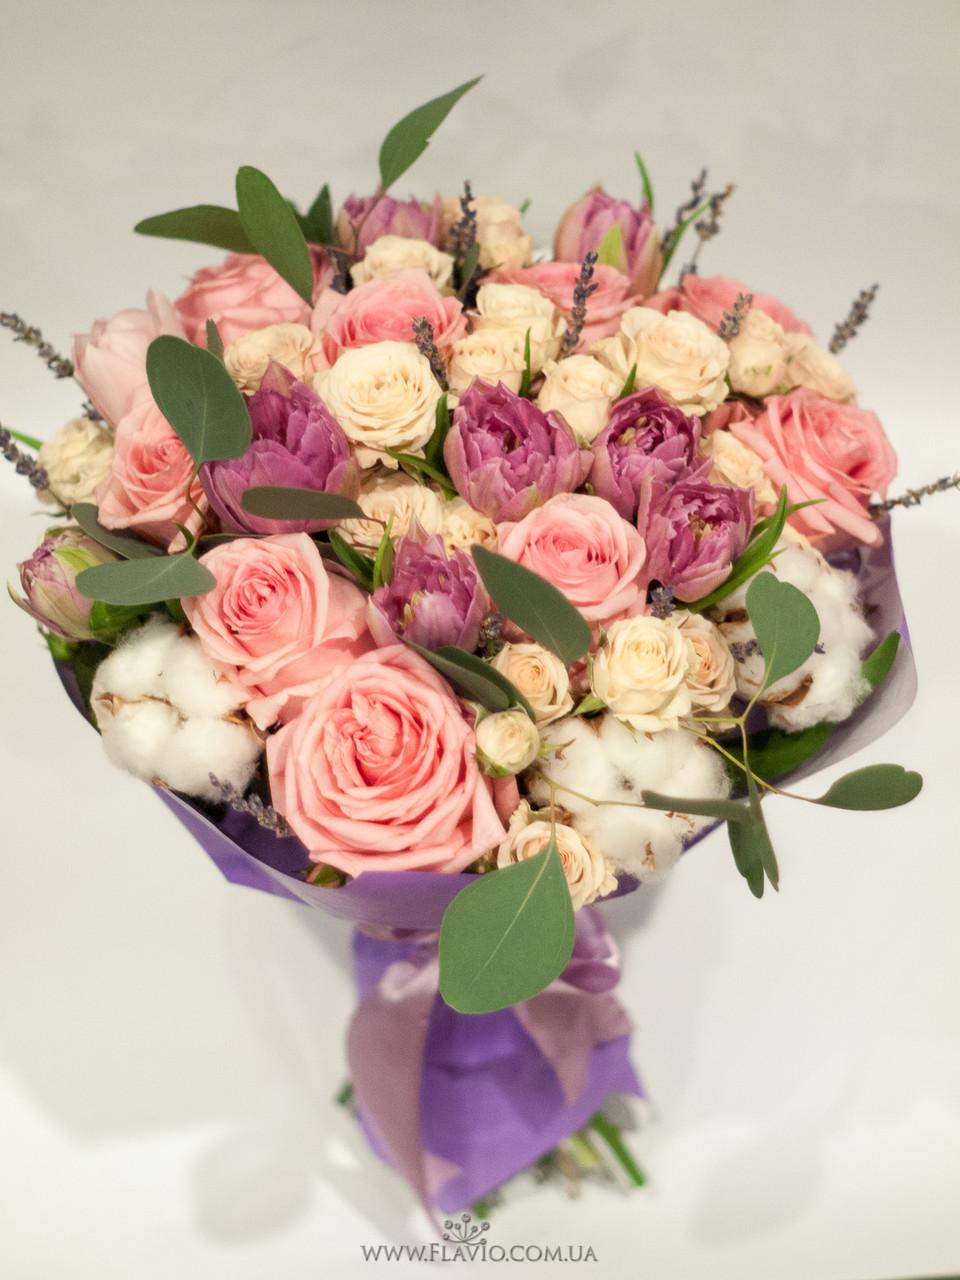 Доставка цветов г кременчуг девушки подарок на 14 февраля